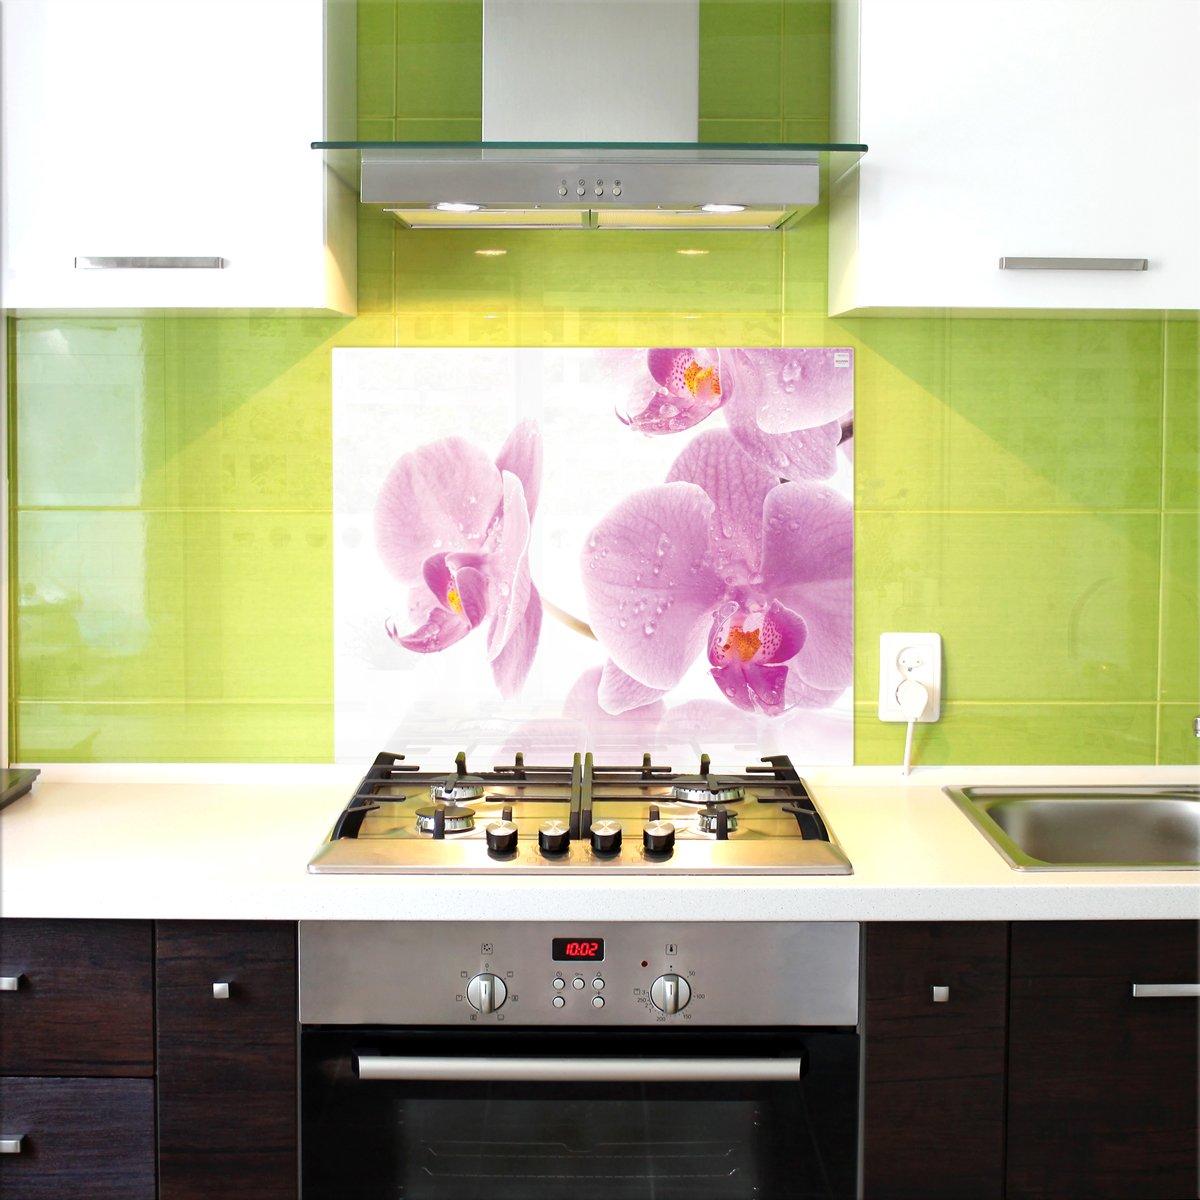 Vasca rettangolare scala - Pannello rivestimento cucina ...